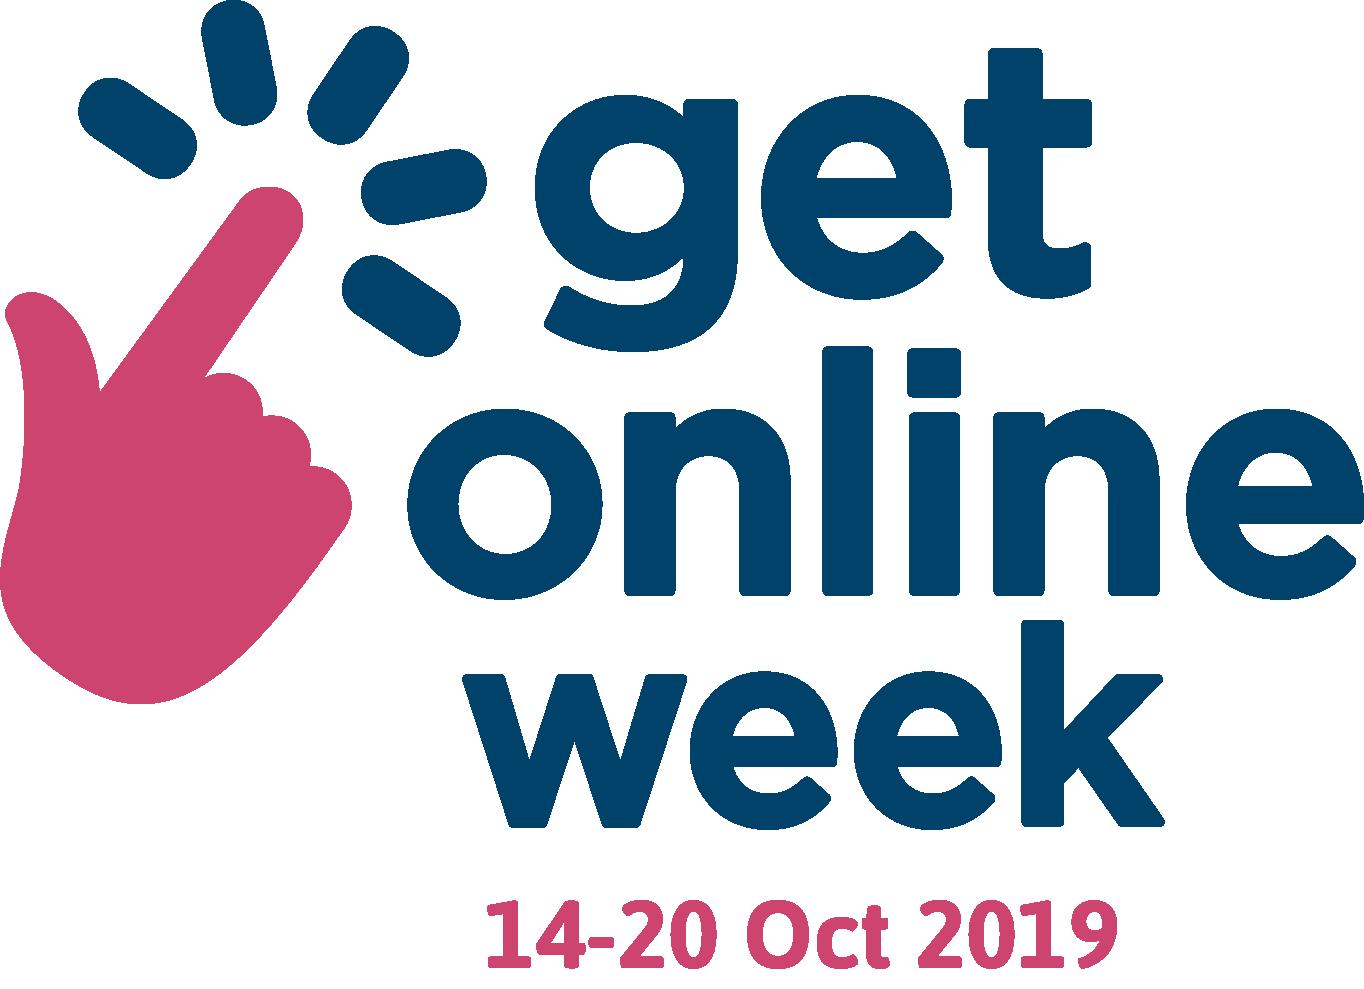 Get Online Week Clickworks St Helens